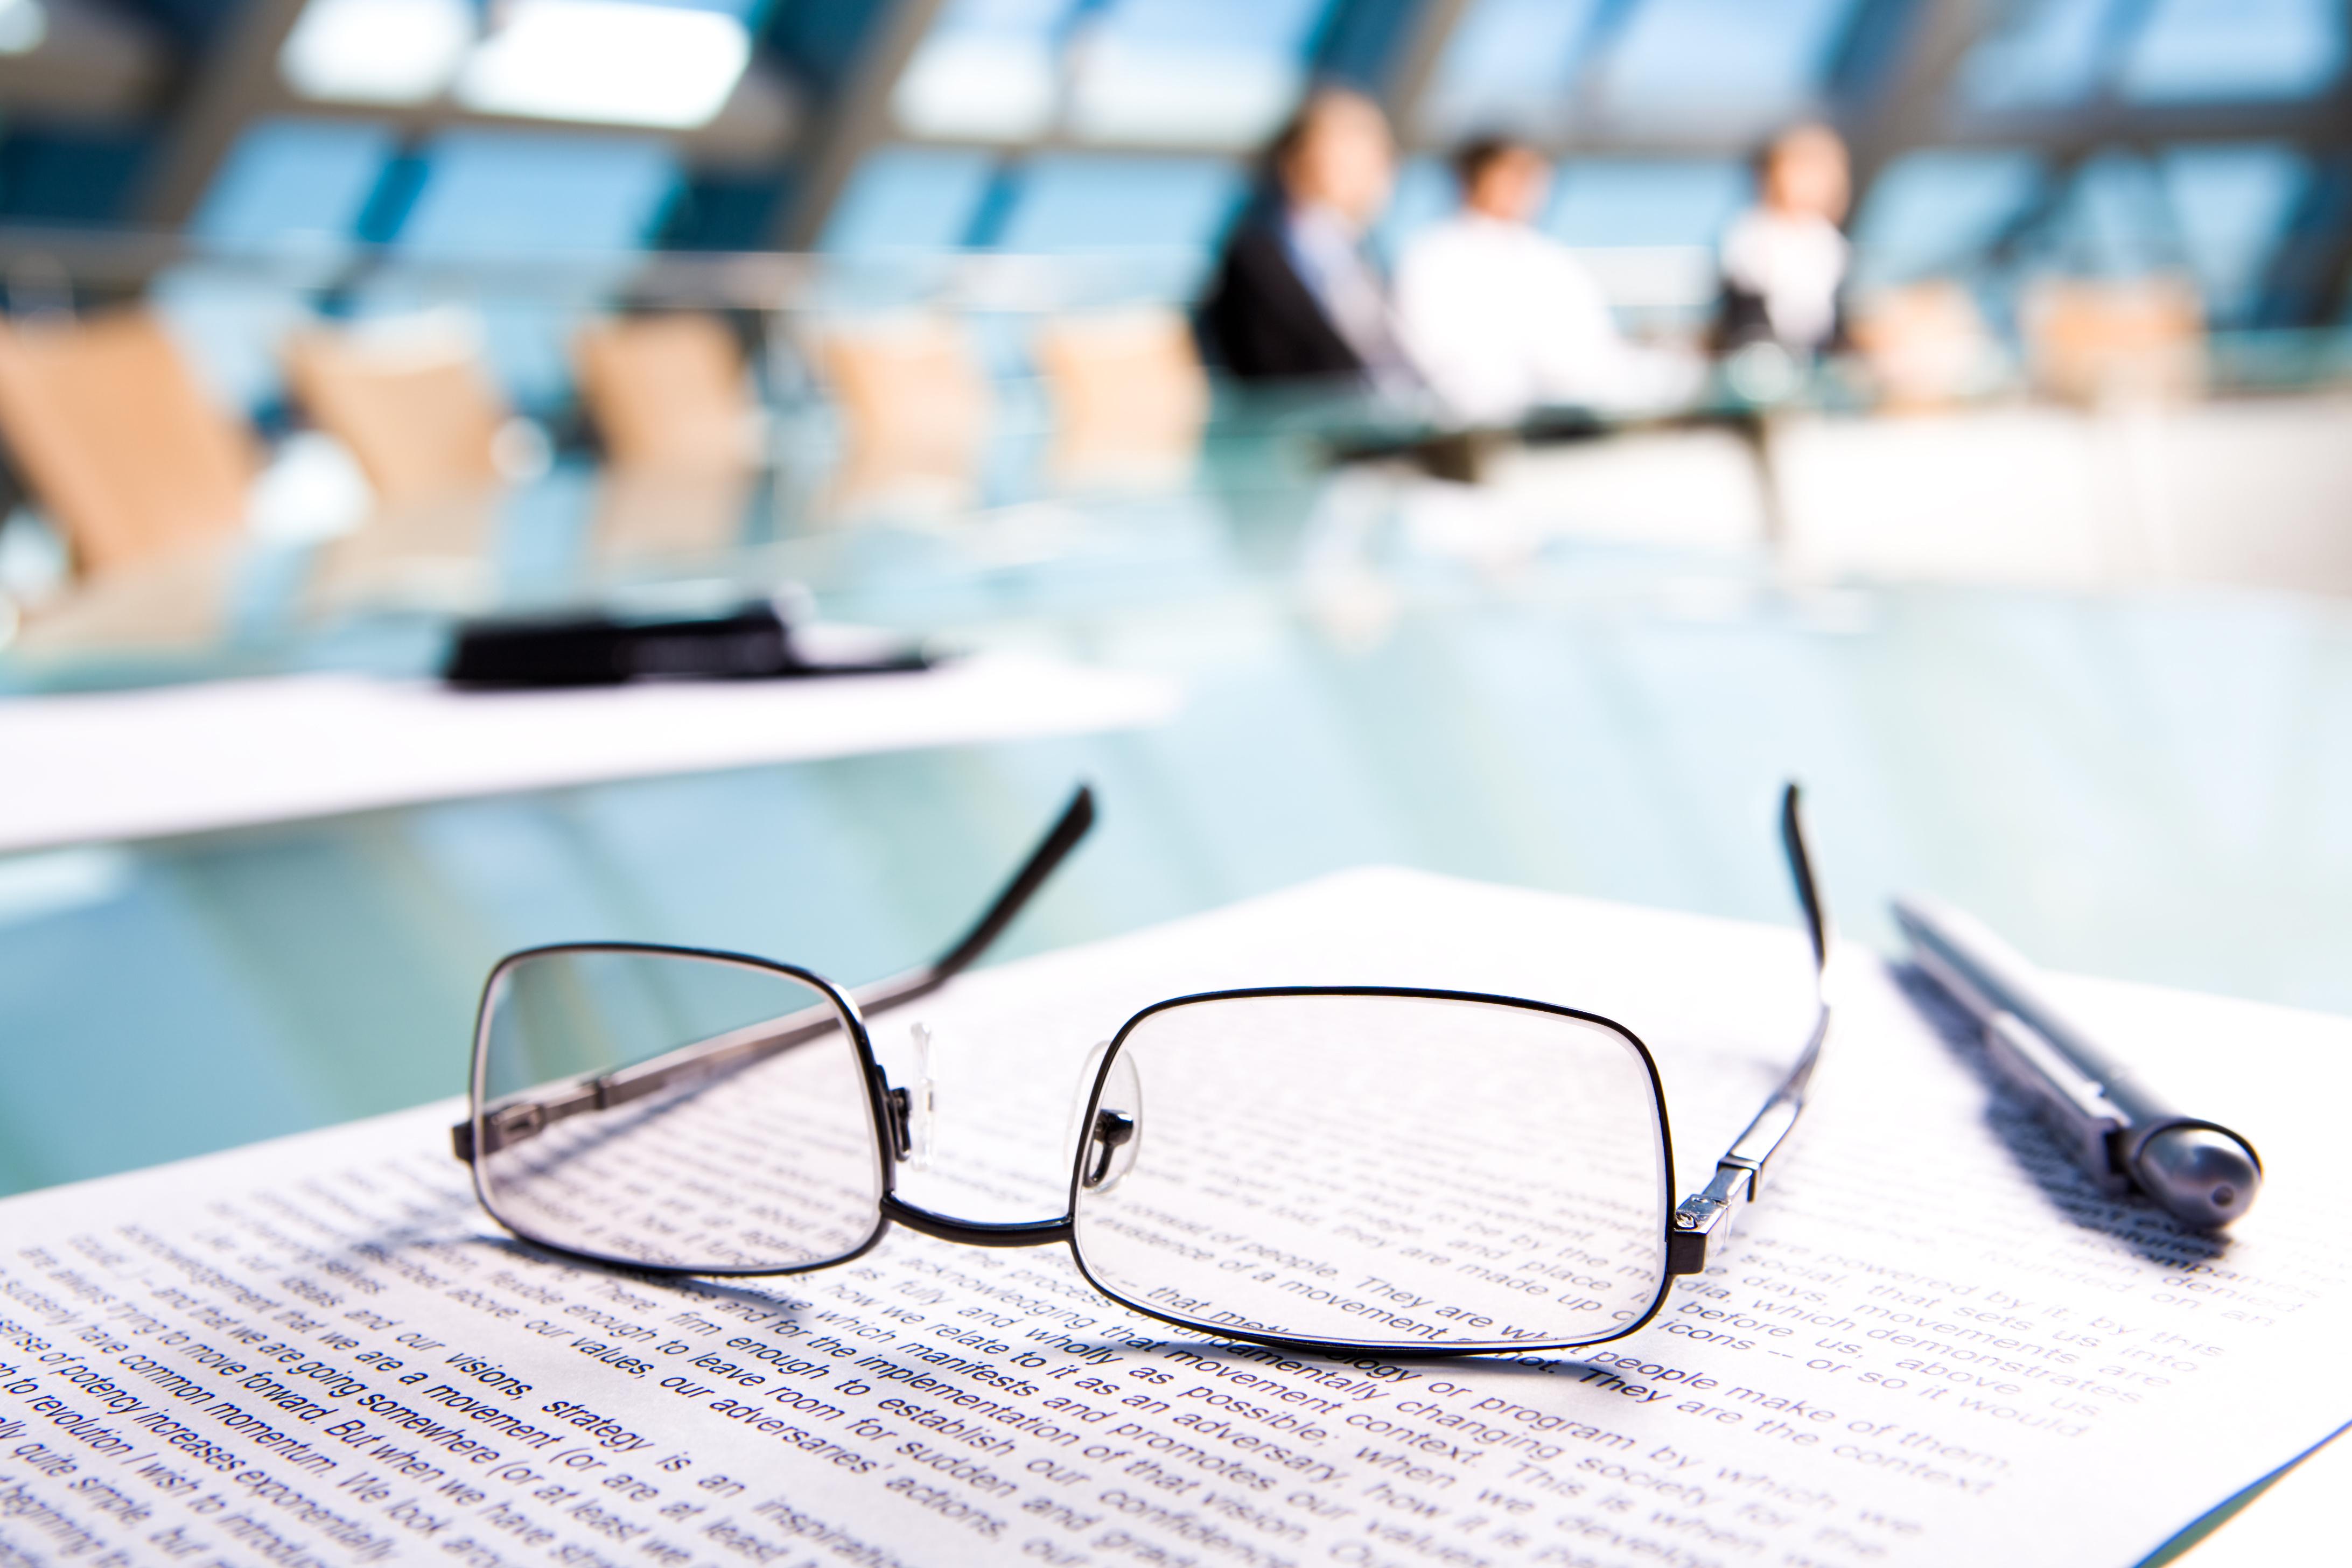 出席型のバーチャル株主総会とは?メリットや失敗しないための注意点を解説